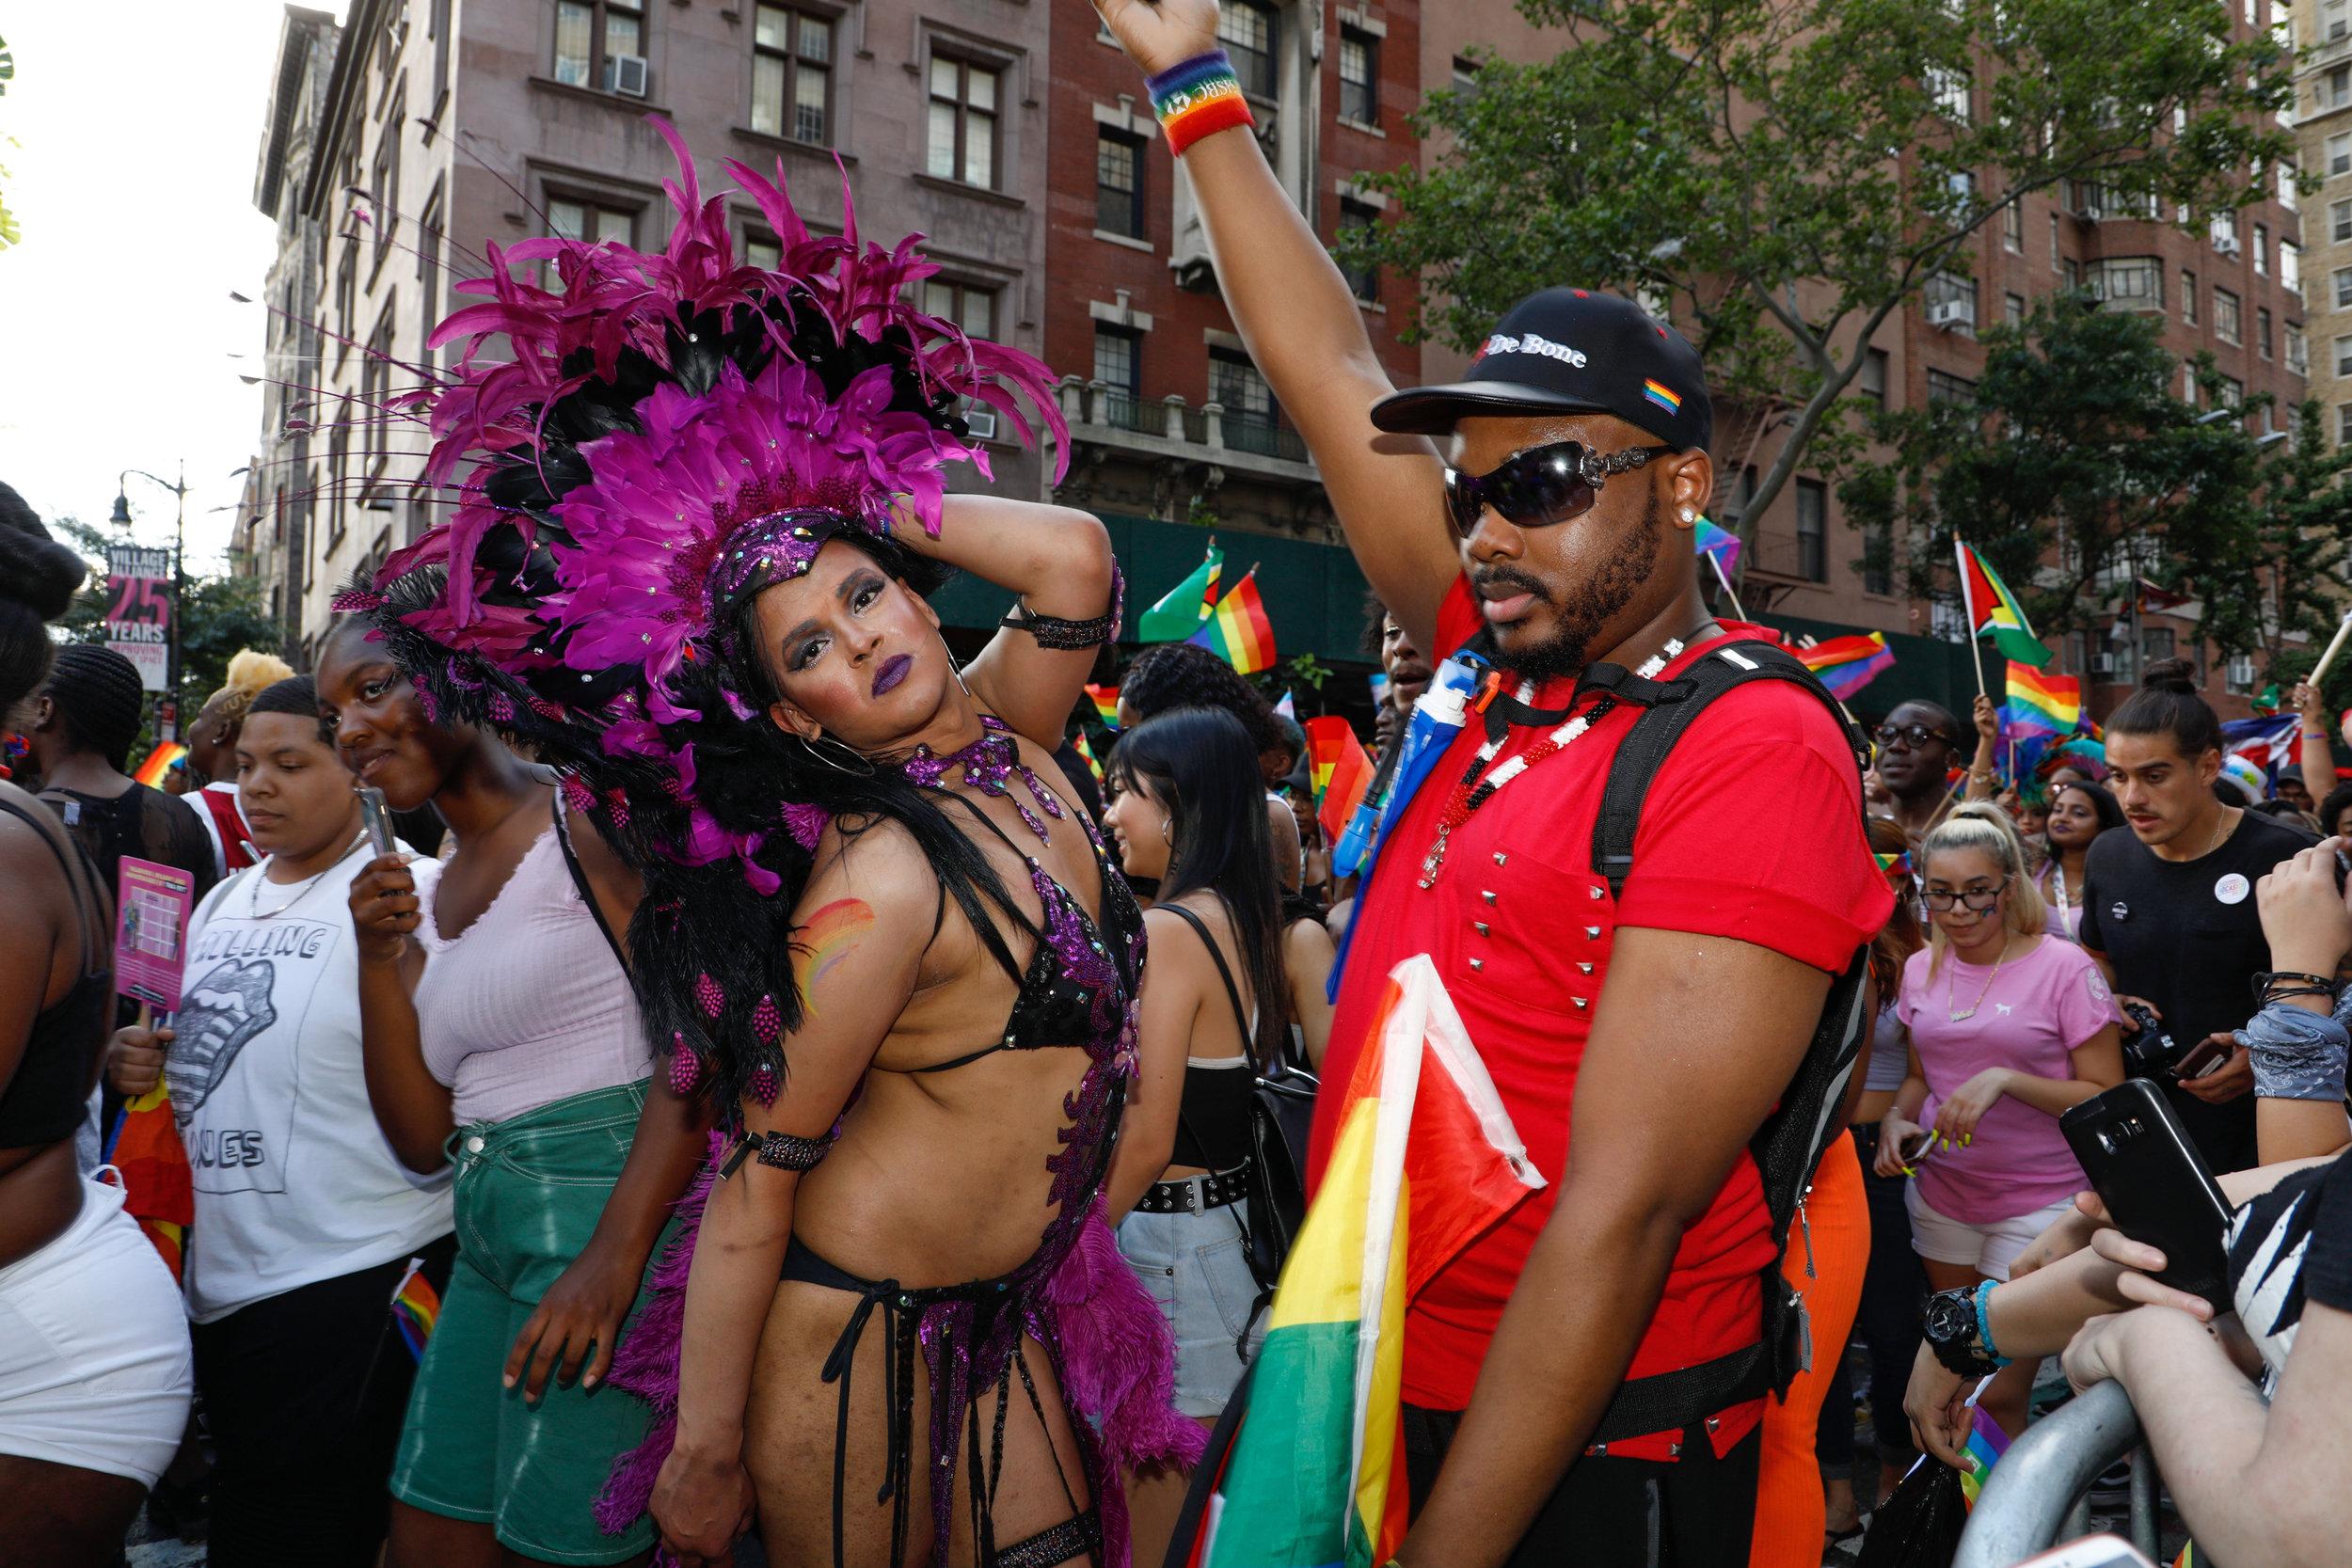 20190630_NYCPride_Daut-4632.jpg